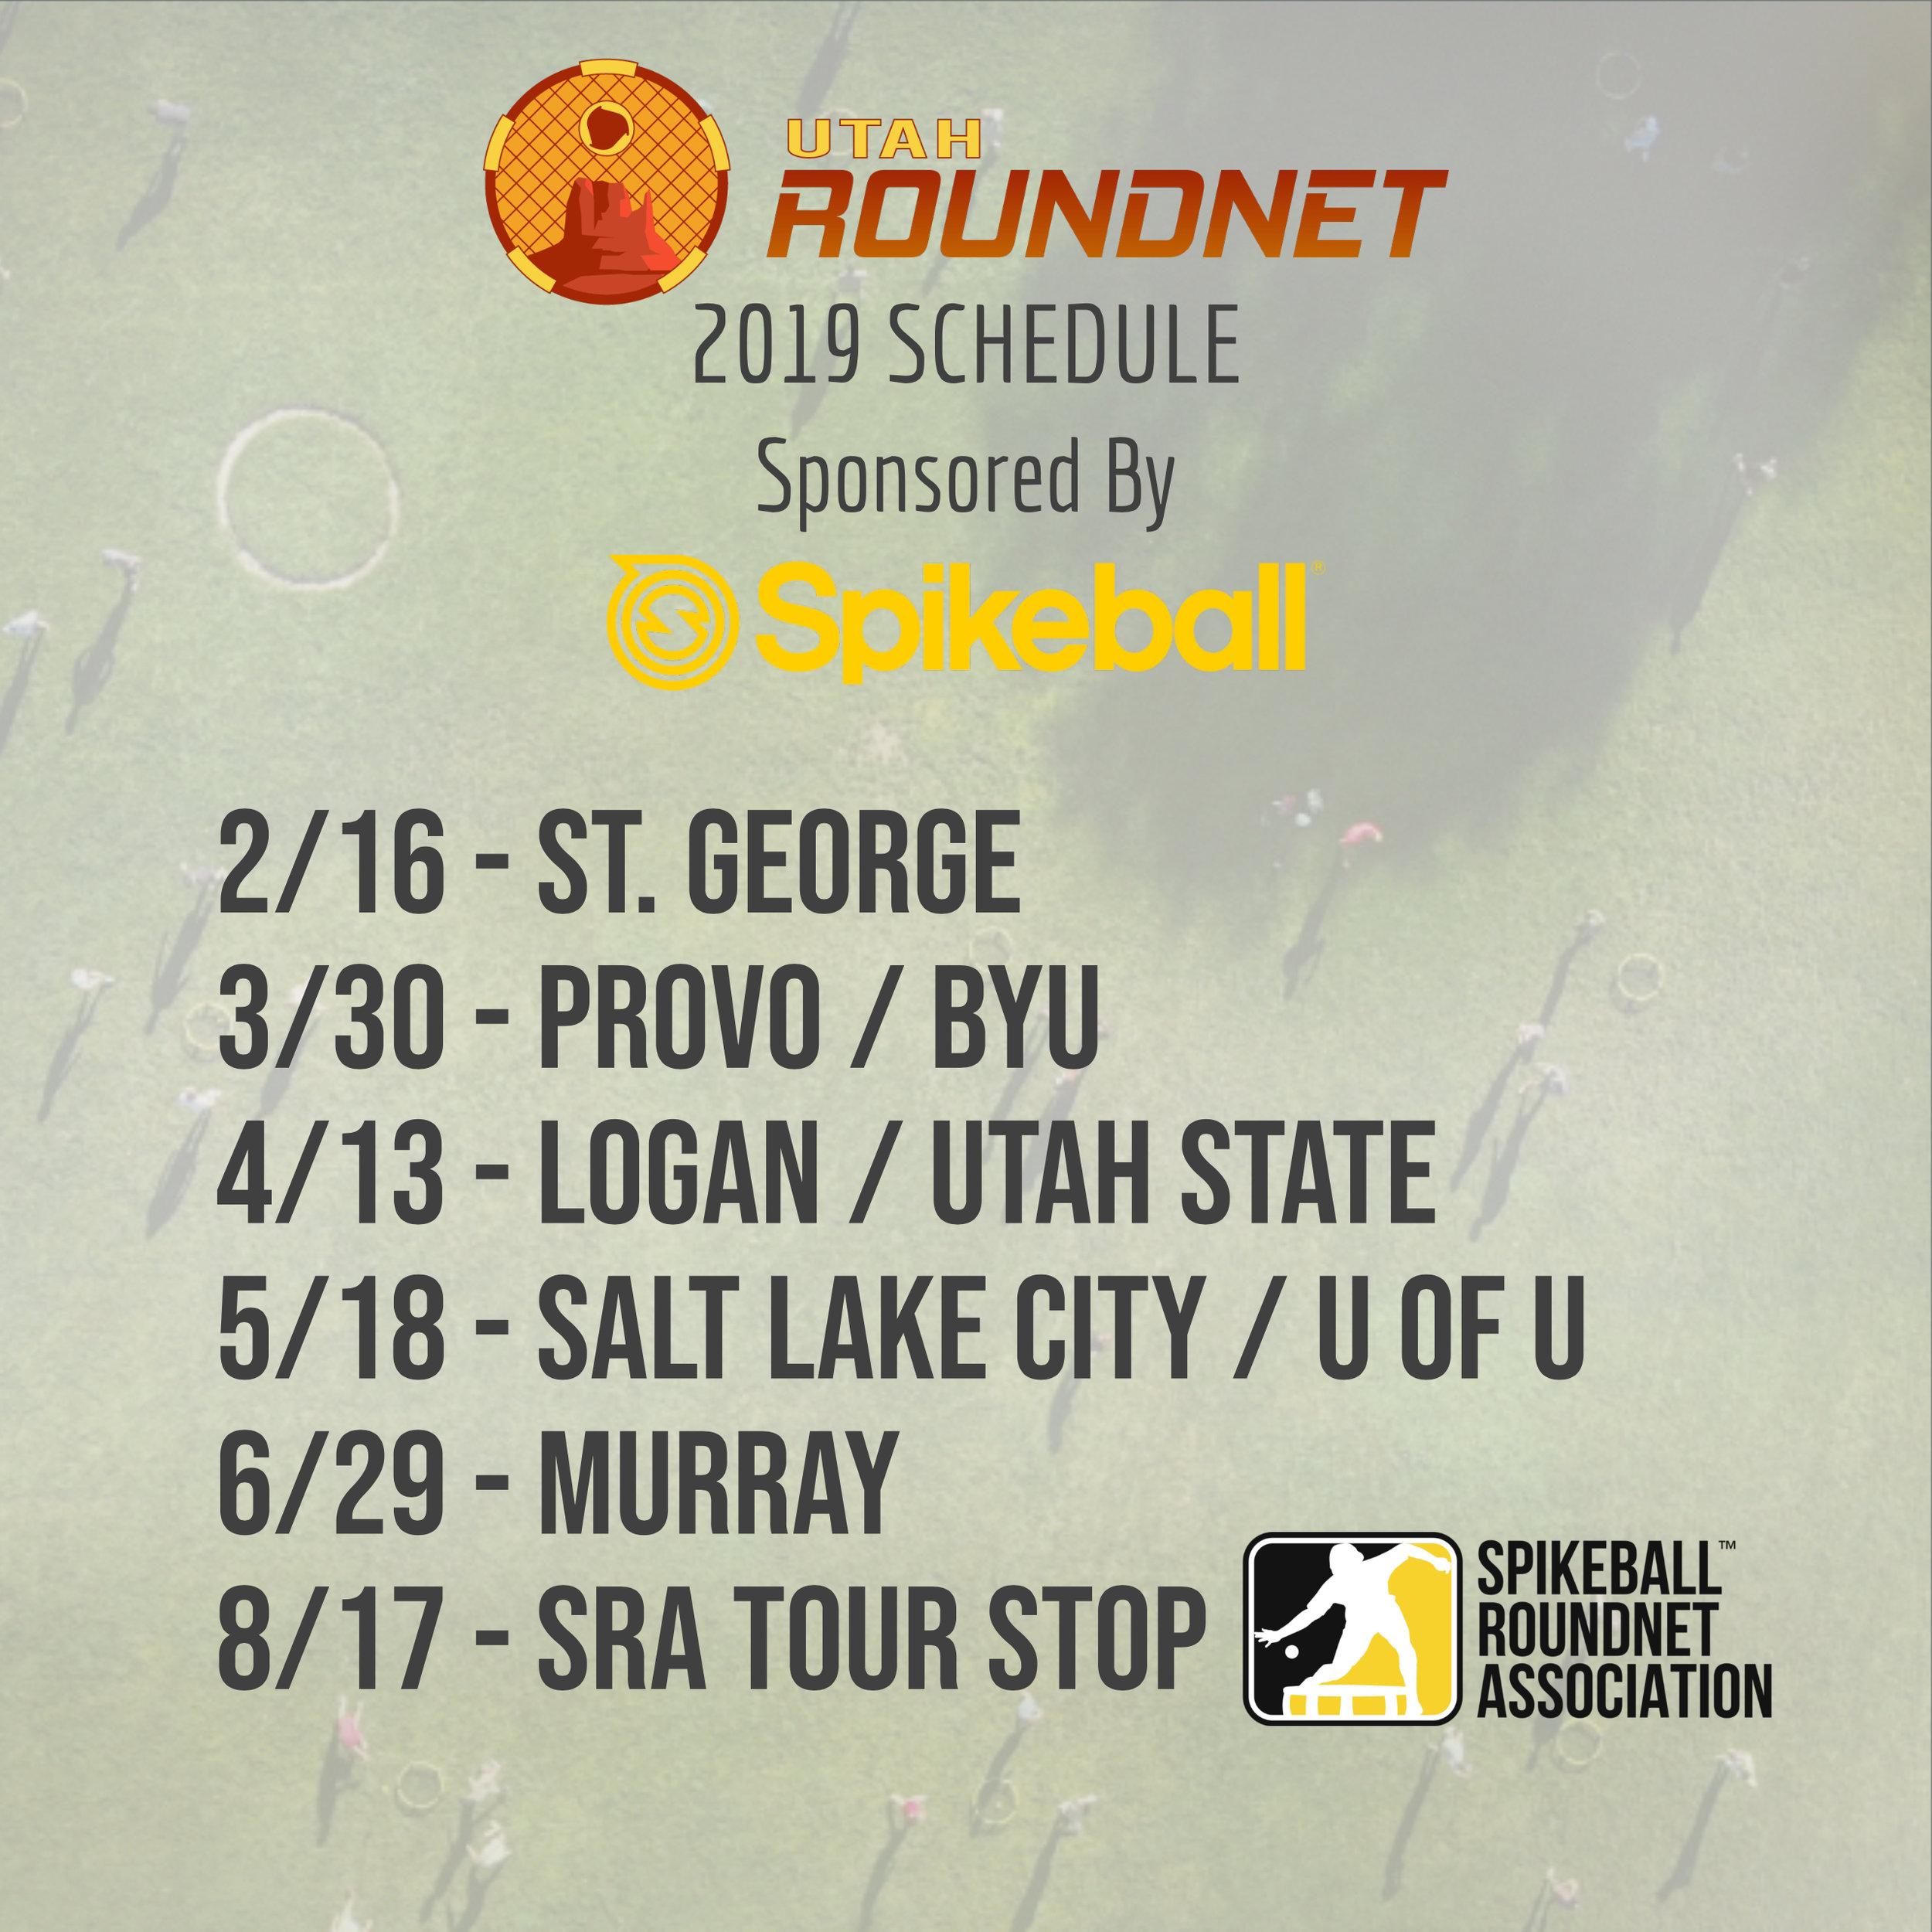 2019-utah-roundnet-spikeball.jpg